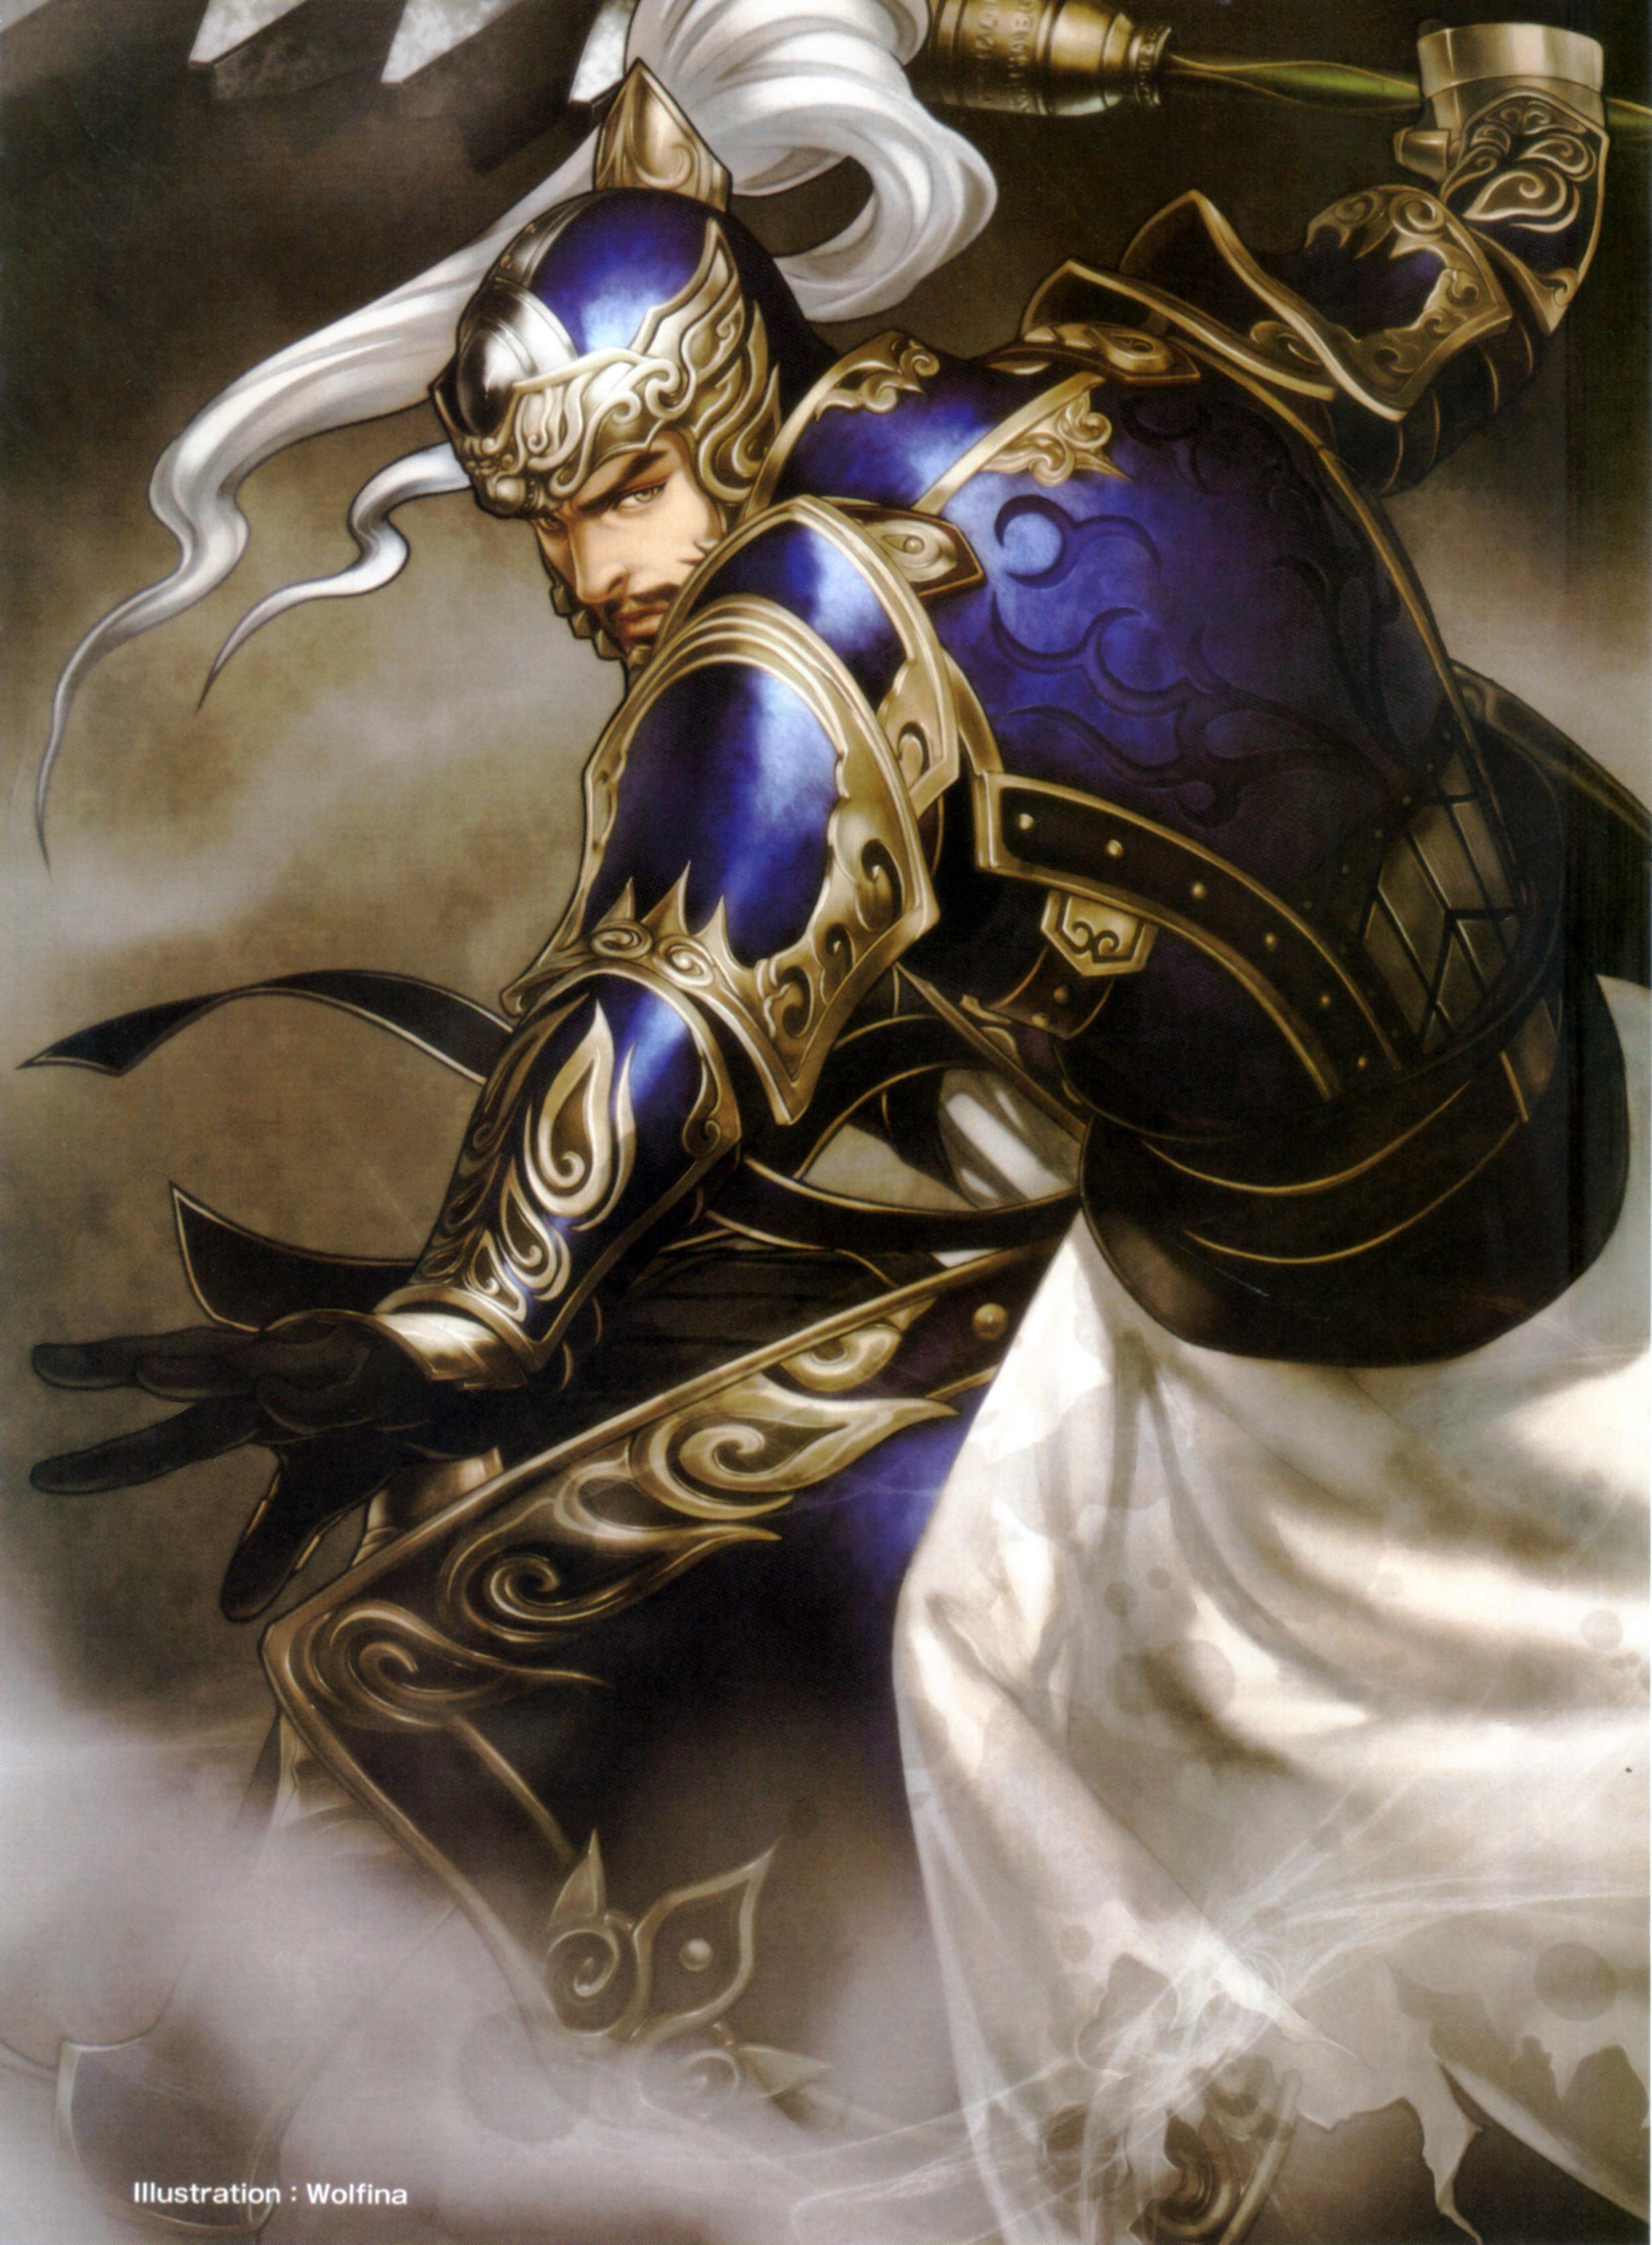 download warrior orochi 2 psp save data